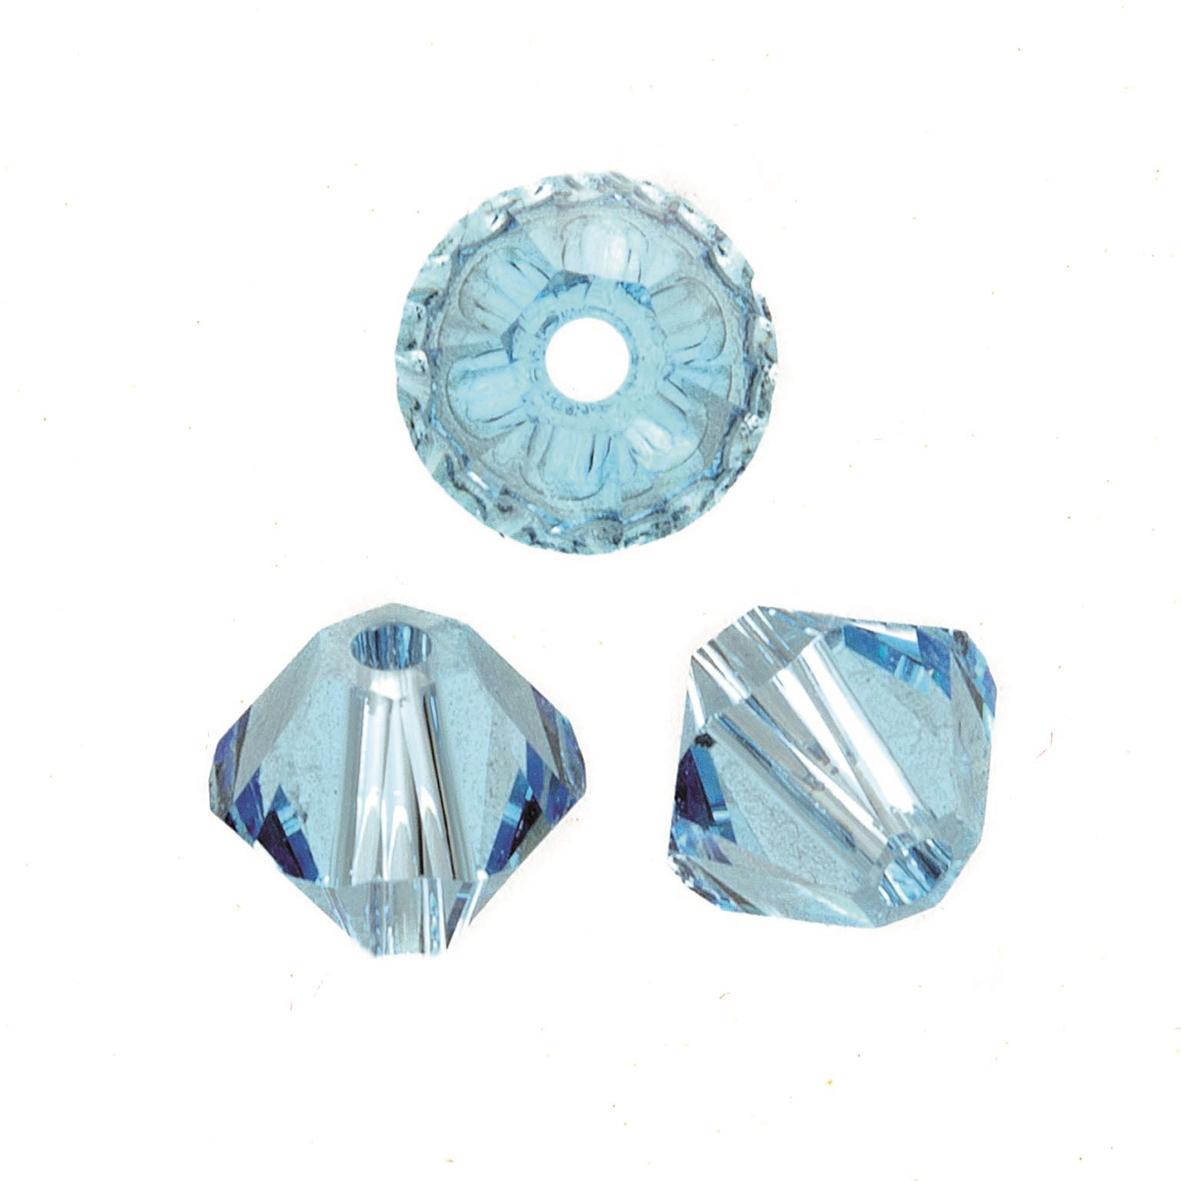 Perles Swarovski 4 mm bleu clair - Boîte de 25